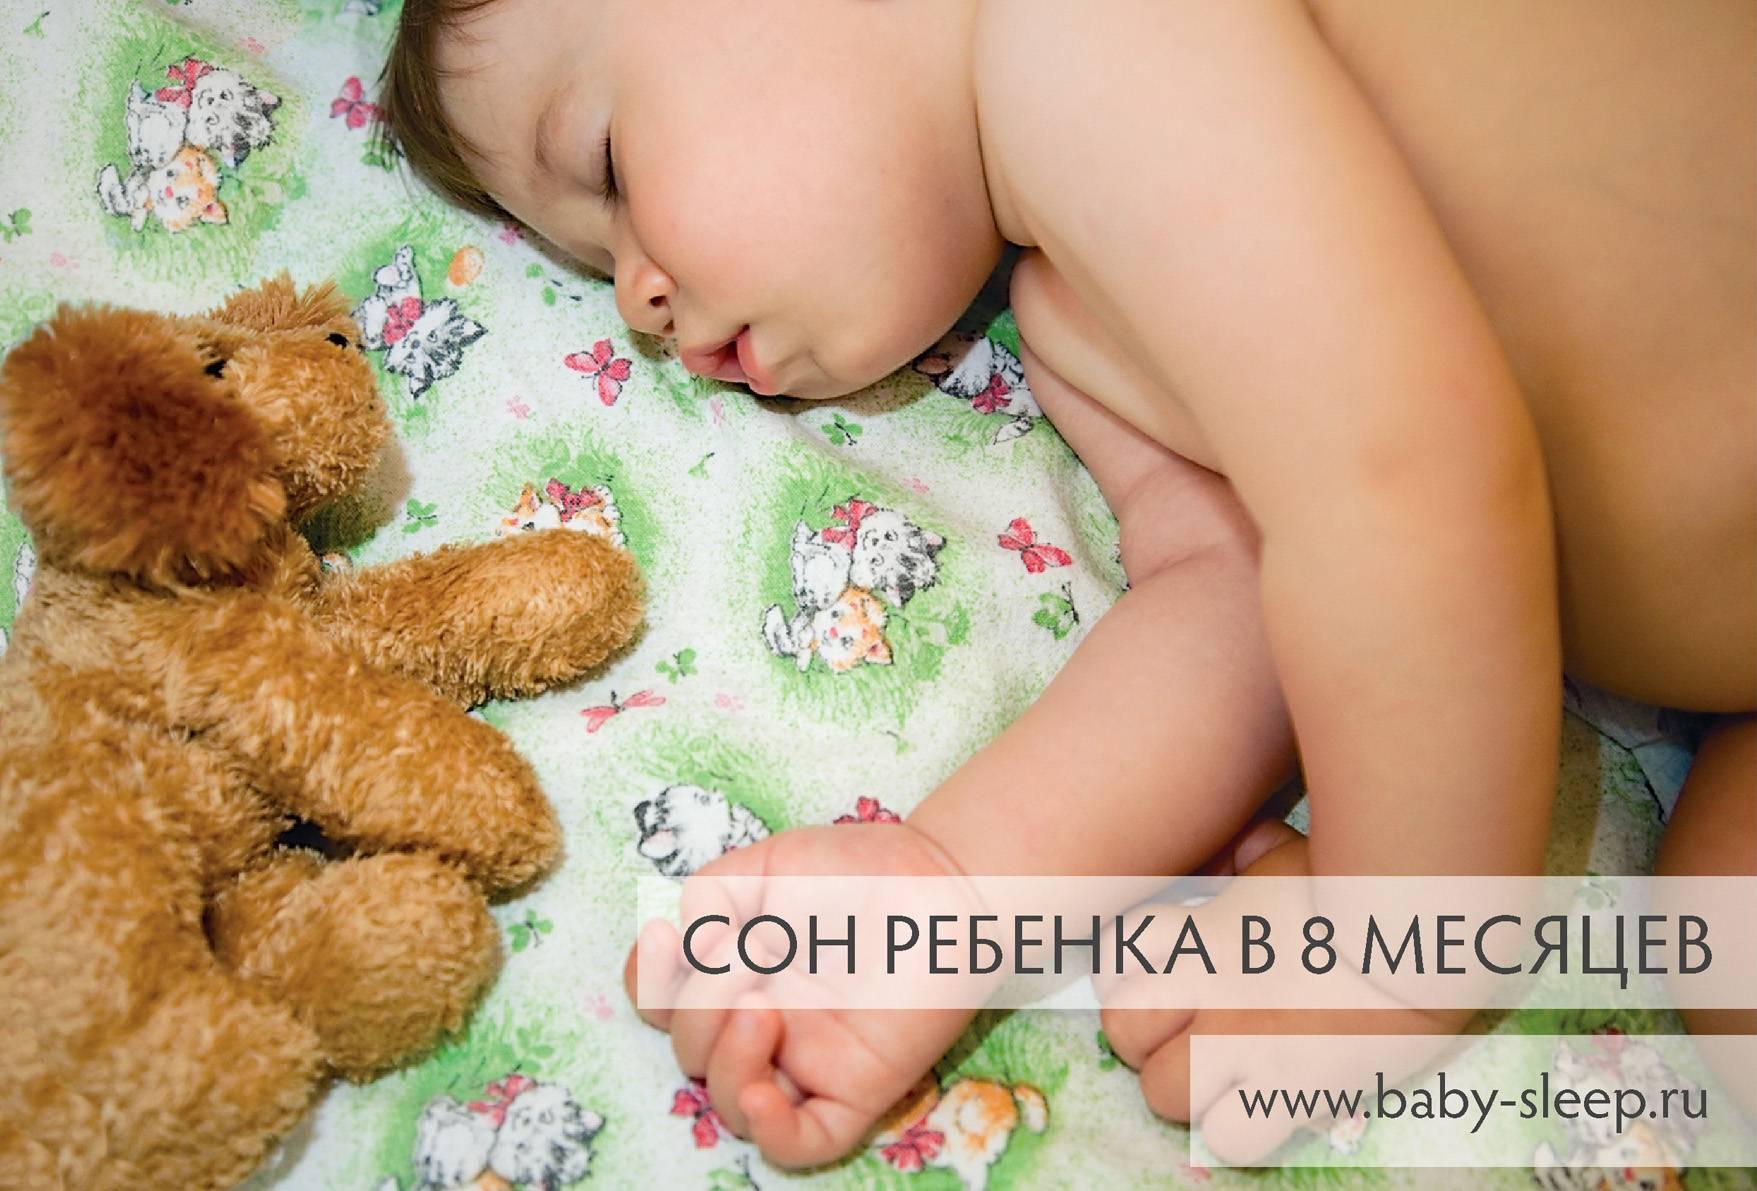 Почему ребенок плохо спит ночью, часто просыпается? . ребенок плохо спит ночью, сон грудничка